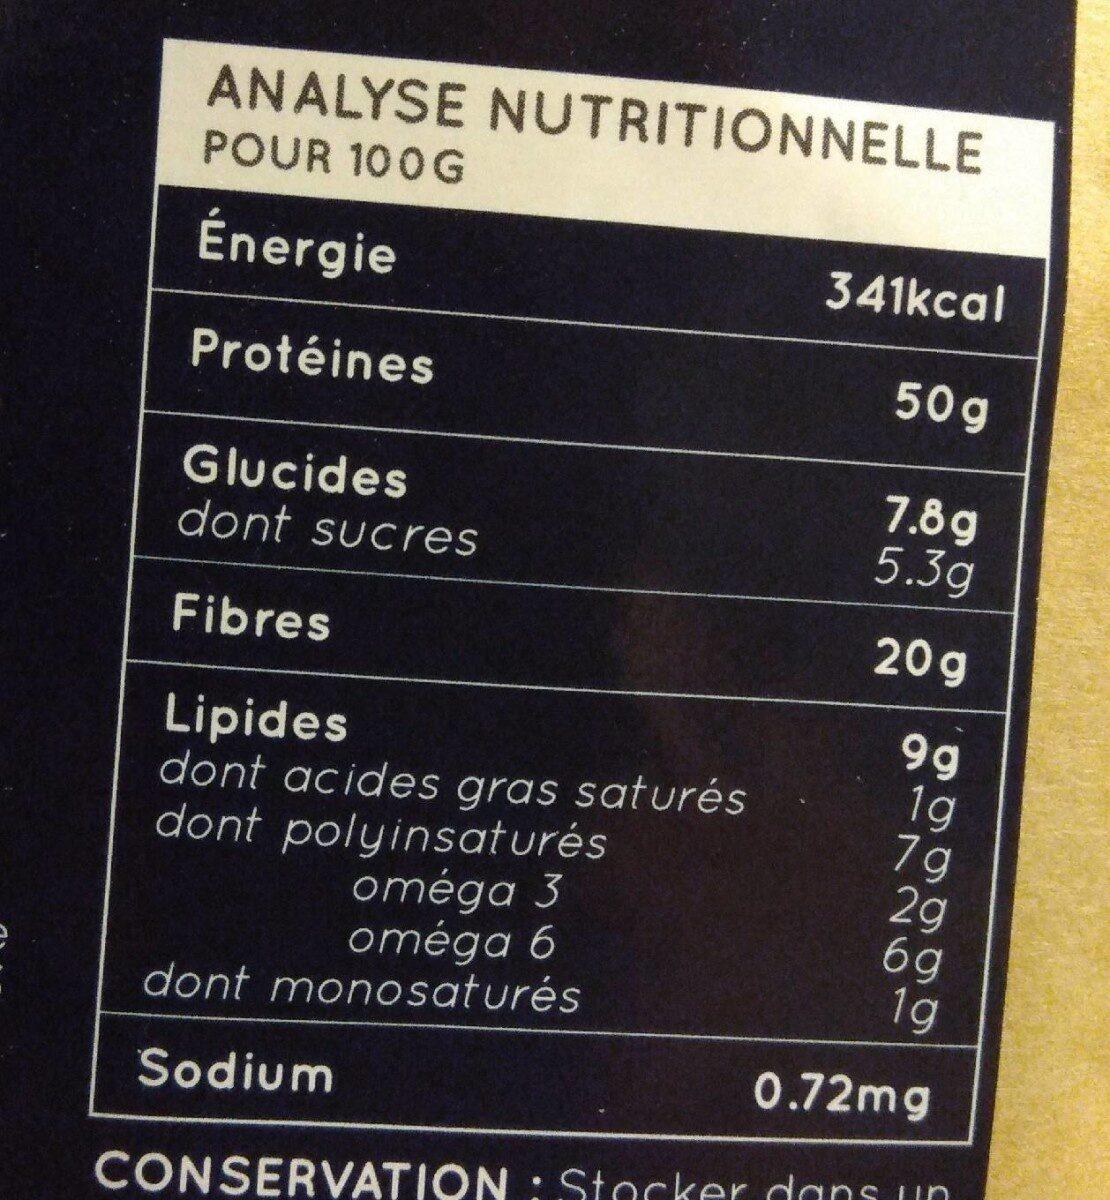 Protéine de chanvre - Nutrition facts - fr